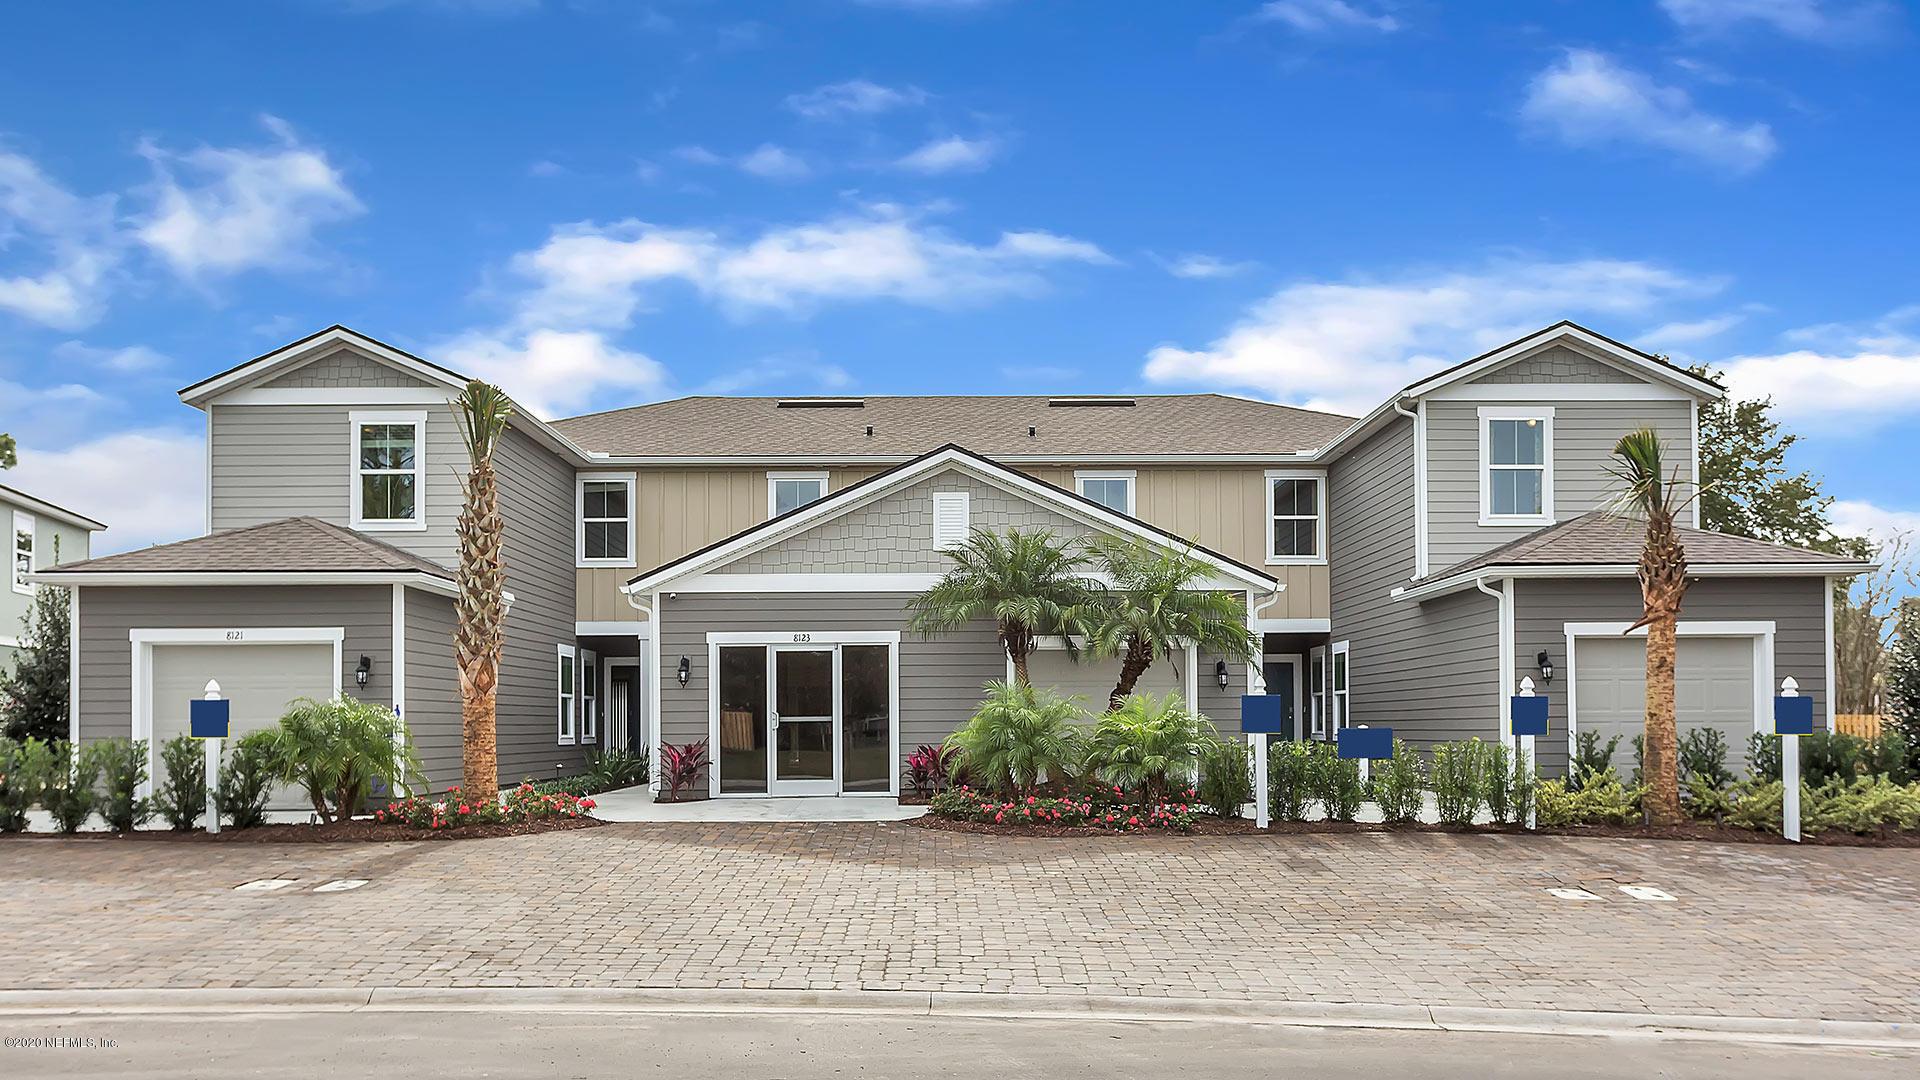 7920 ECHO SPRINGS, JACKSONVILLE, FLORIDA 32256, 3 Bedrooms Bedrooms, ,2 BathroomsBathrooms,Residential,For sale,ECHO SPRINGS,1059815